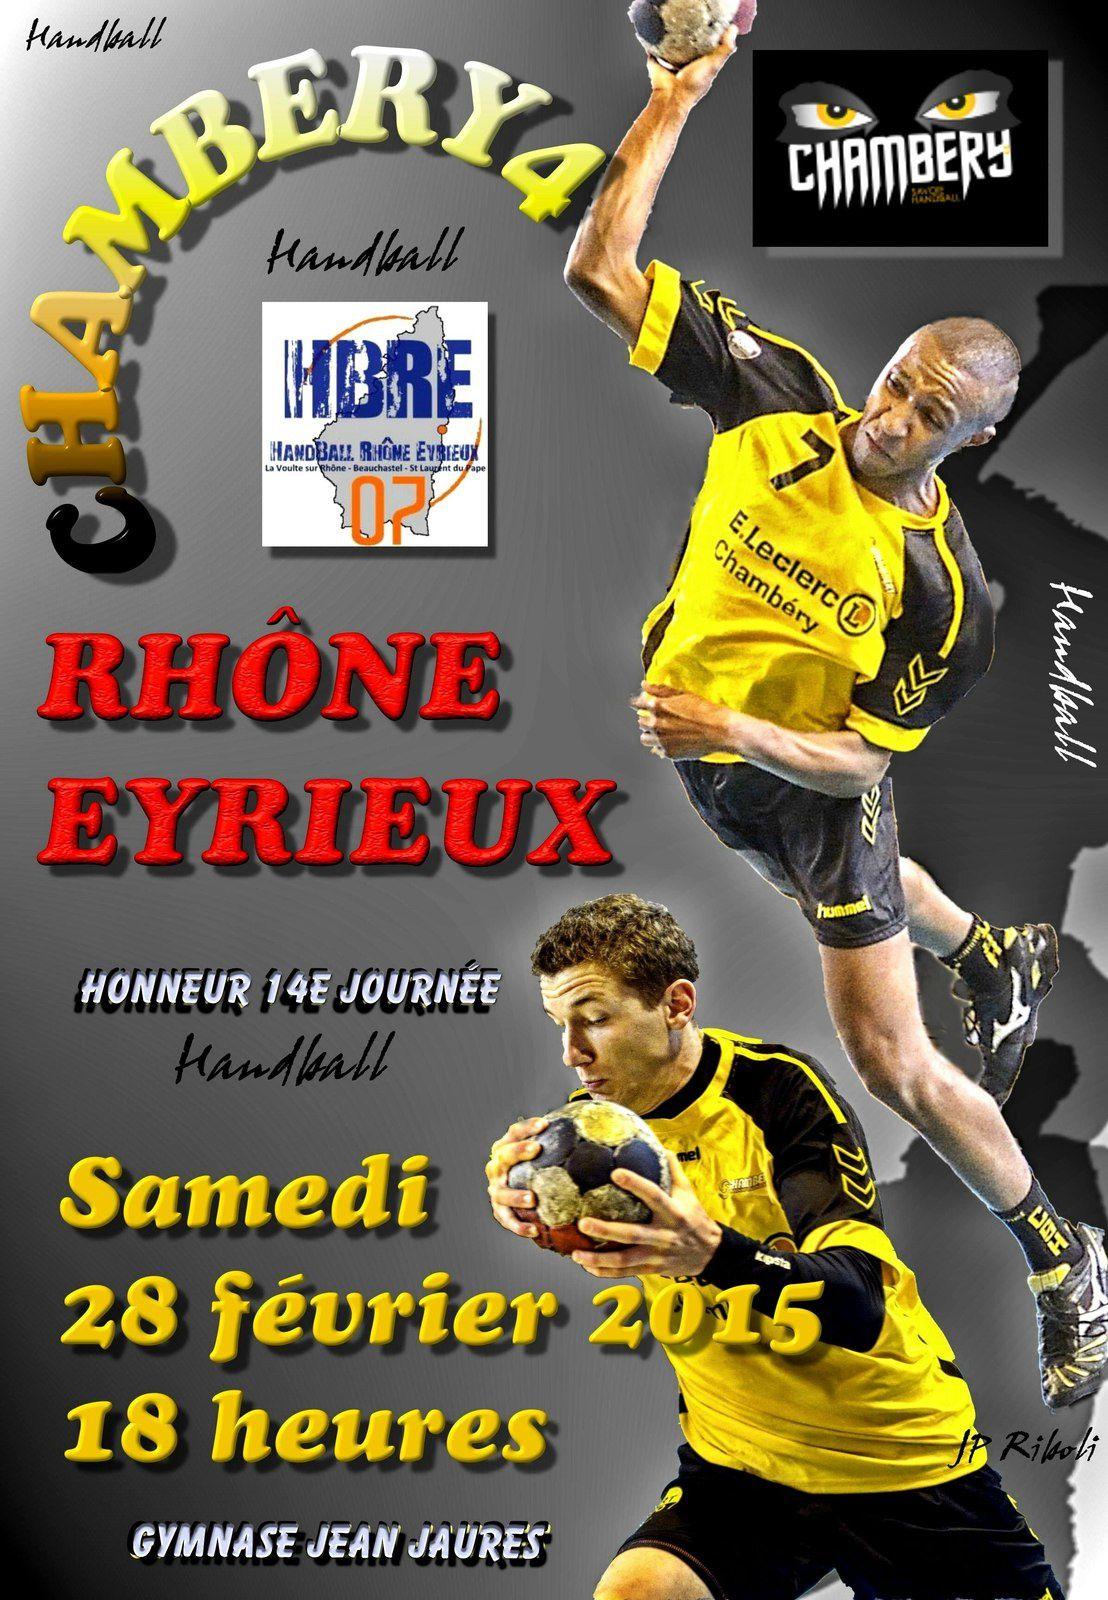 Les matchs du wek-end 28 février et 1er mars 2015